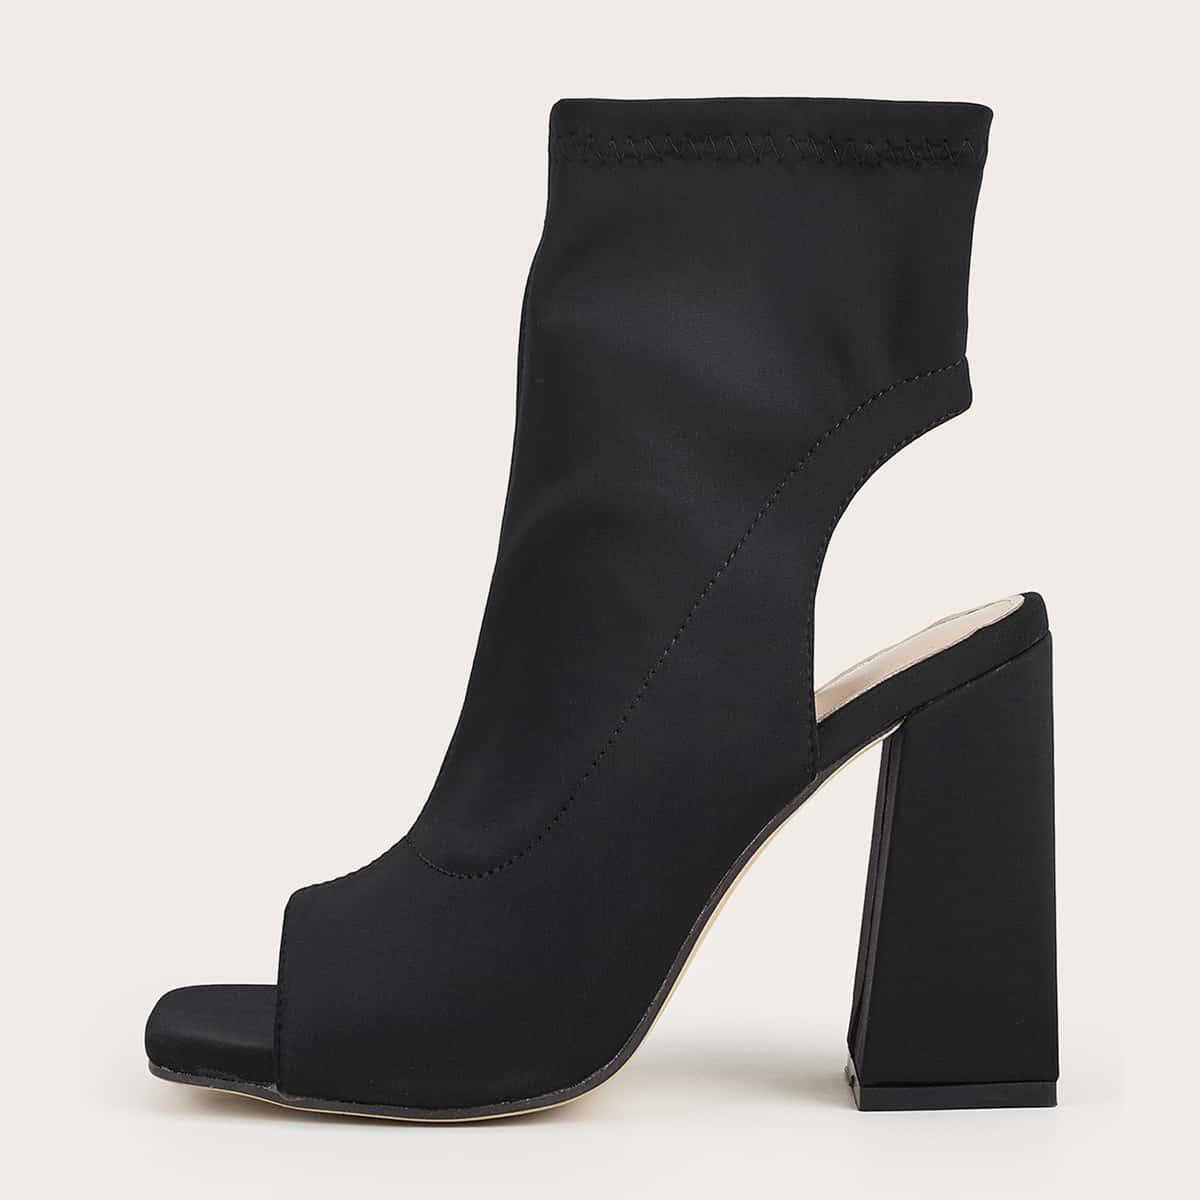 SHEIN / Stiefel mit Ausschnitt hinten und klobiger Sohle